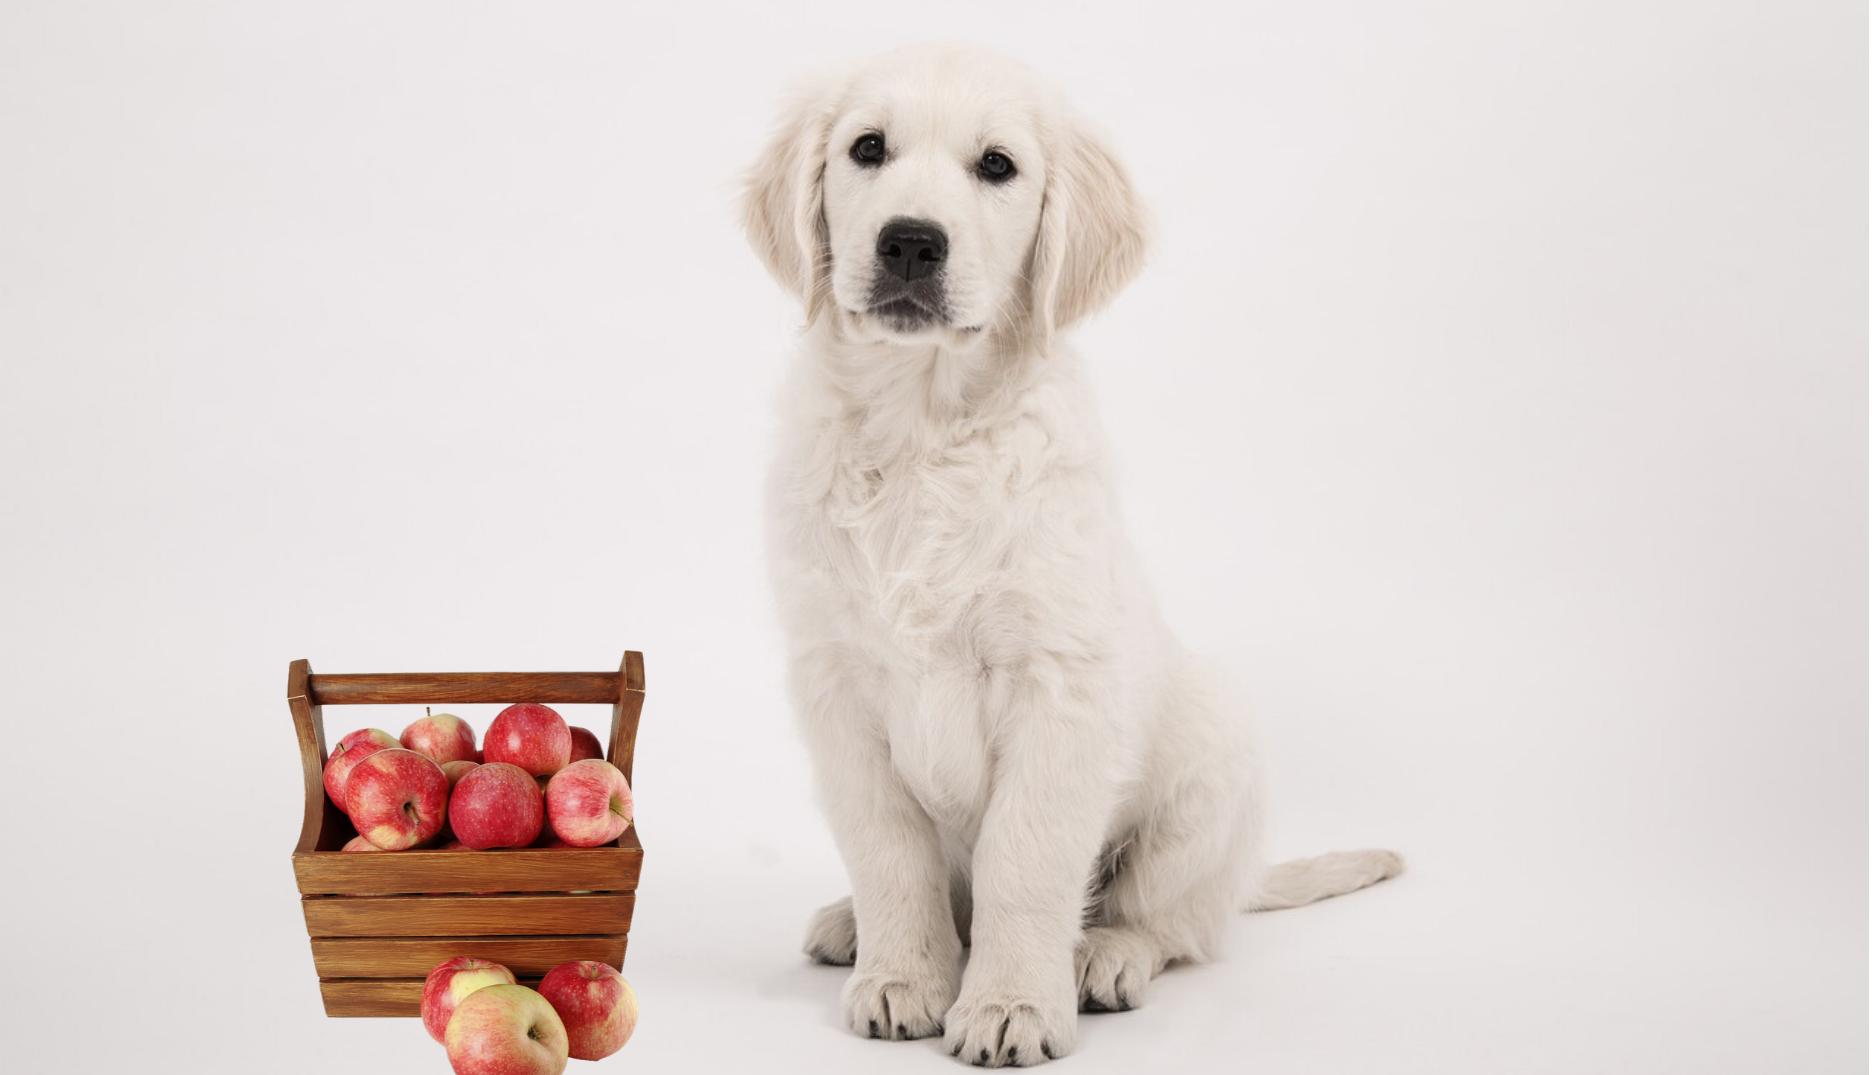 Can golden retrievers eat apples